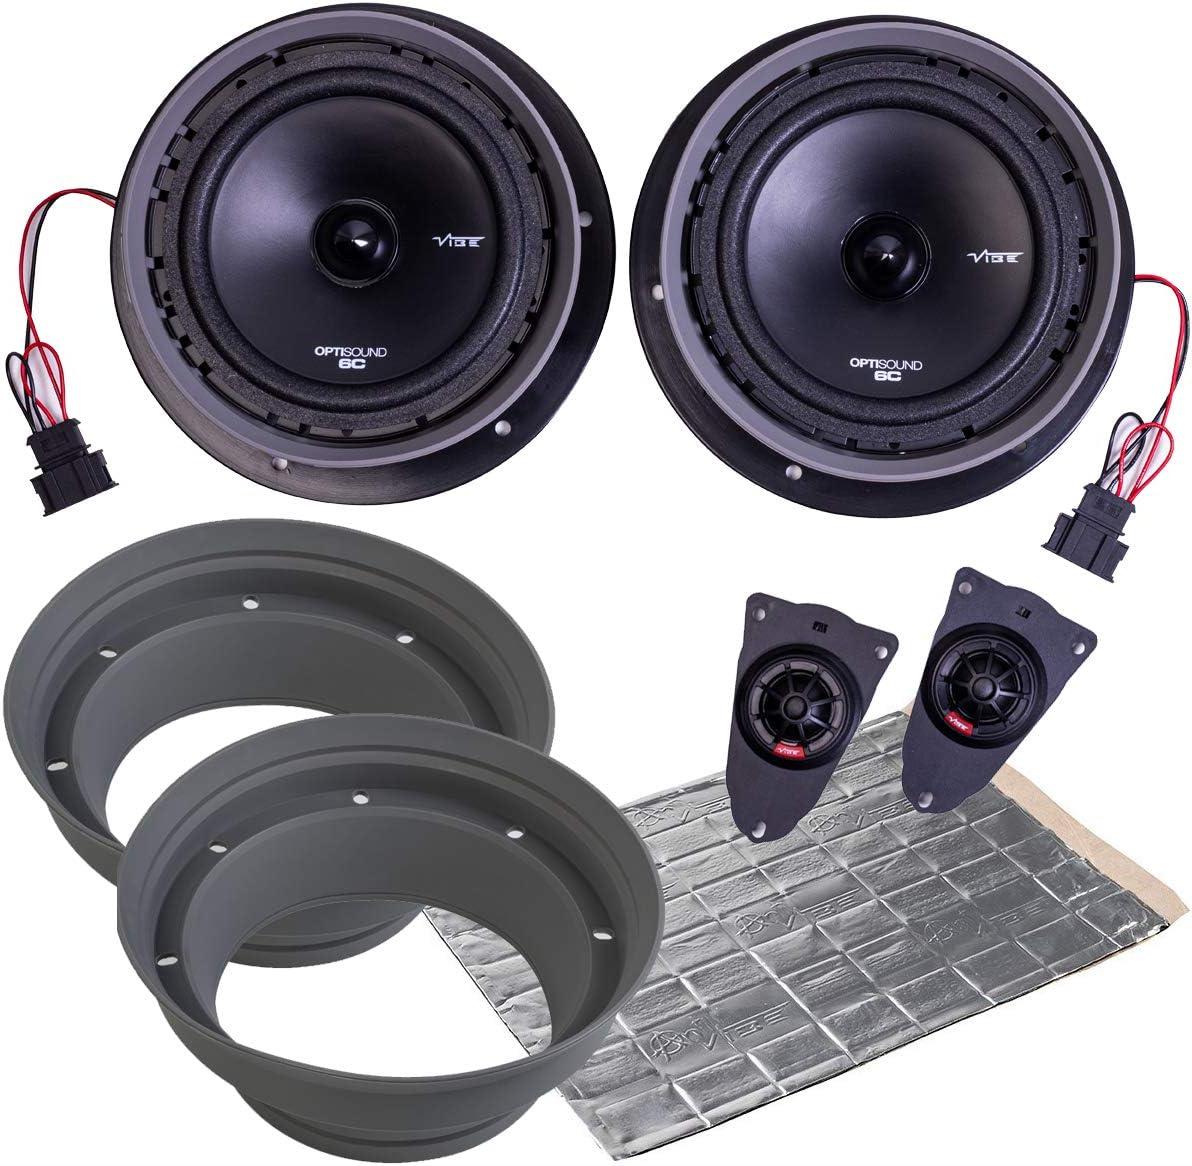 Vibe Optisound Lautsprecher Set Für Vw T5 Passgenau Schwarz Audio Hifi